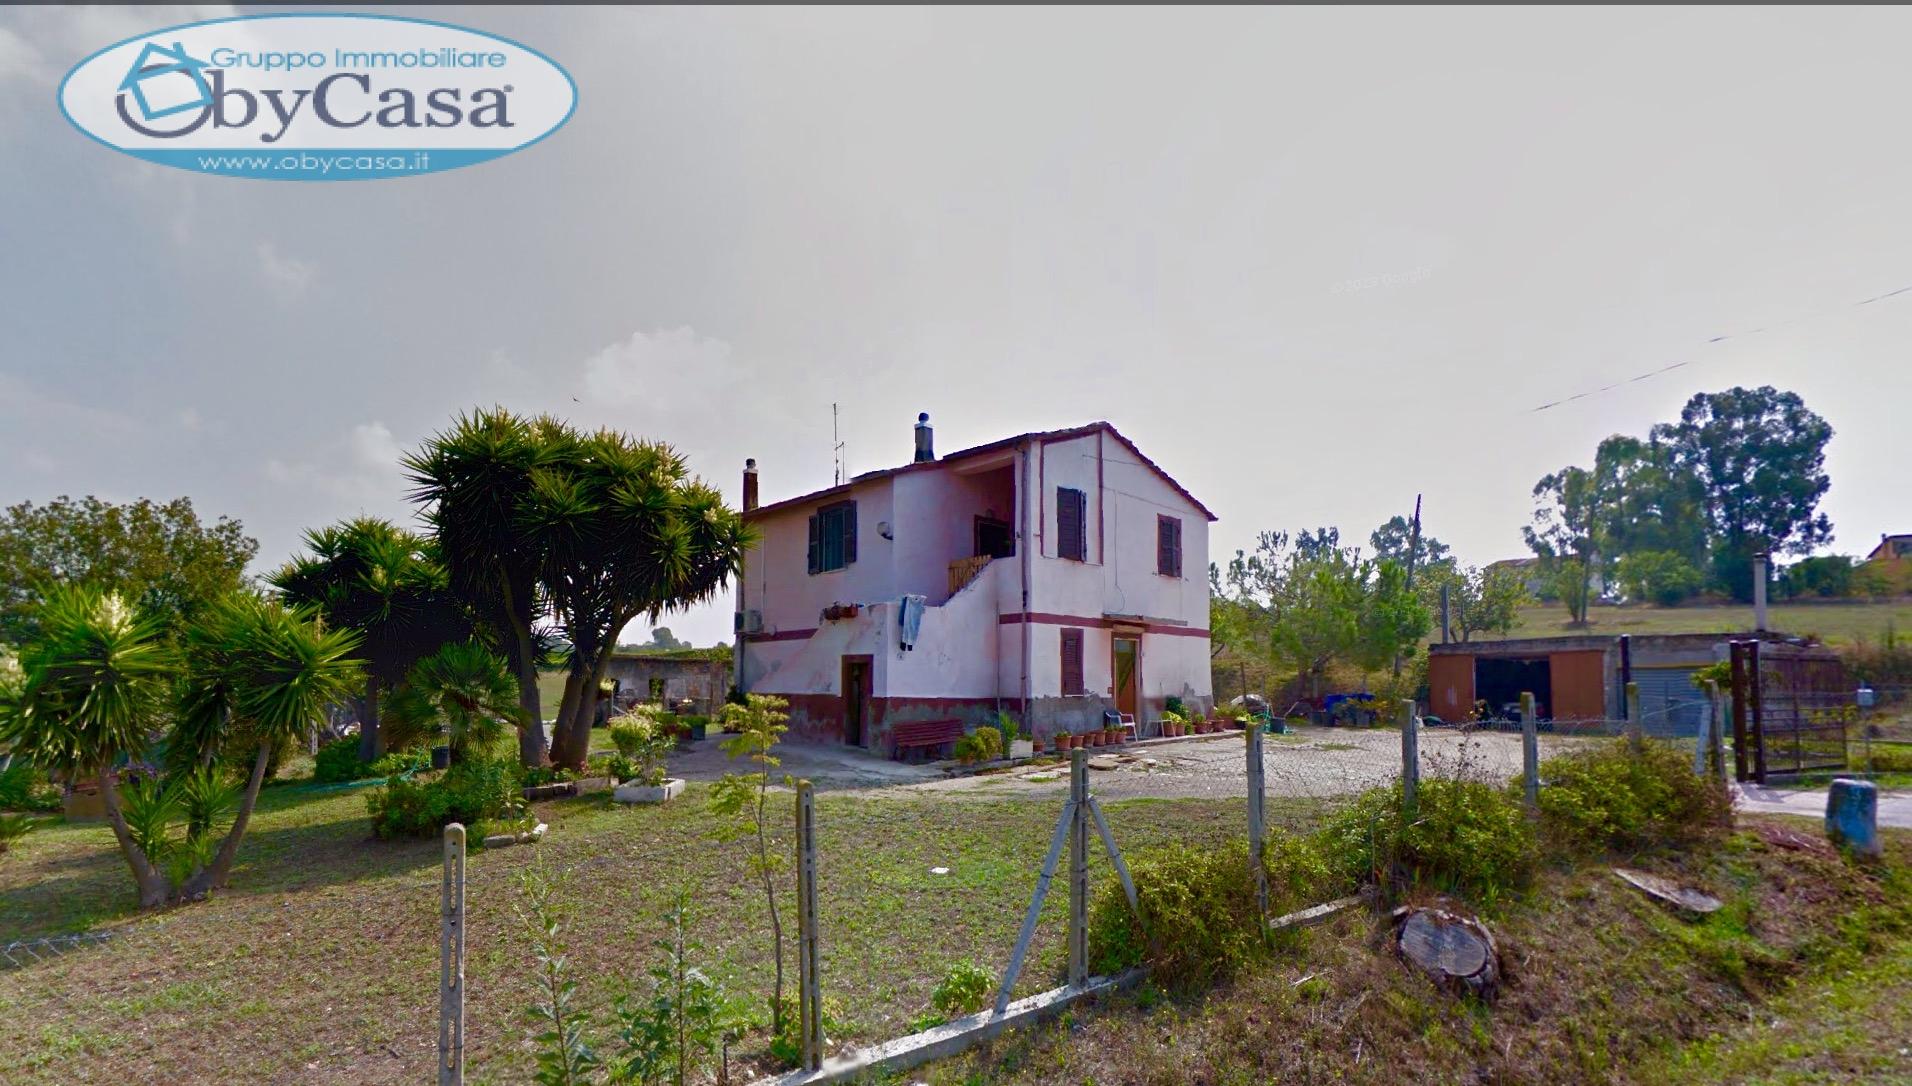 Soluzione Indipendente in vendita a Cerveteri, 9 locali, zona Località: valcanneto, prezzo € 159.000   Cambio Casa.it